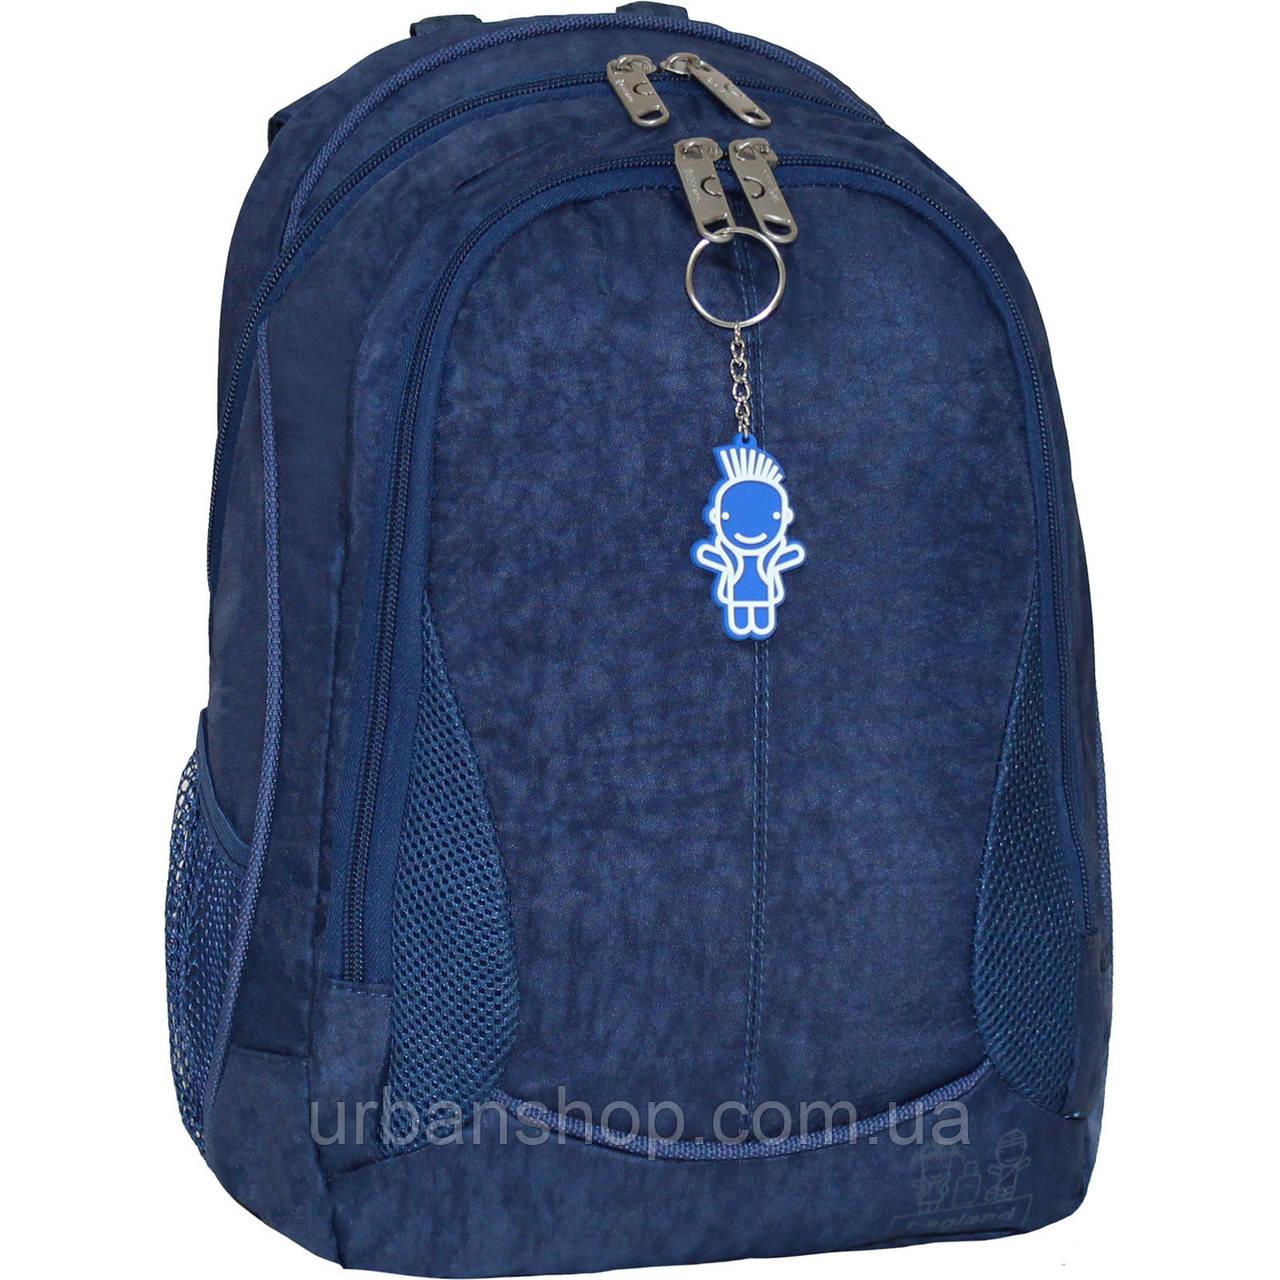 Украина Рюкзак Bagland Странник 17 л. 225 синий (0058470)